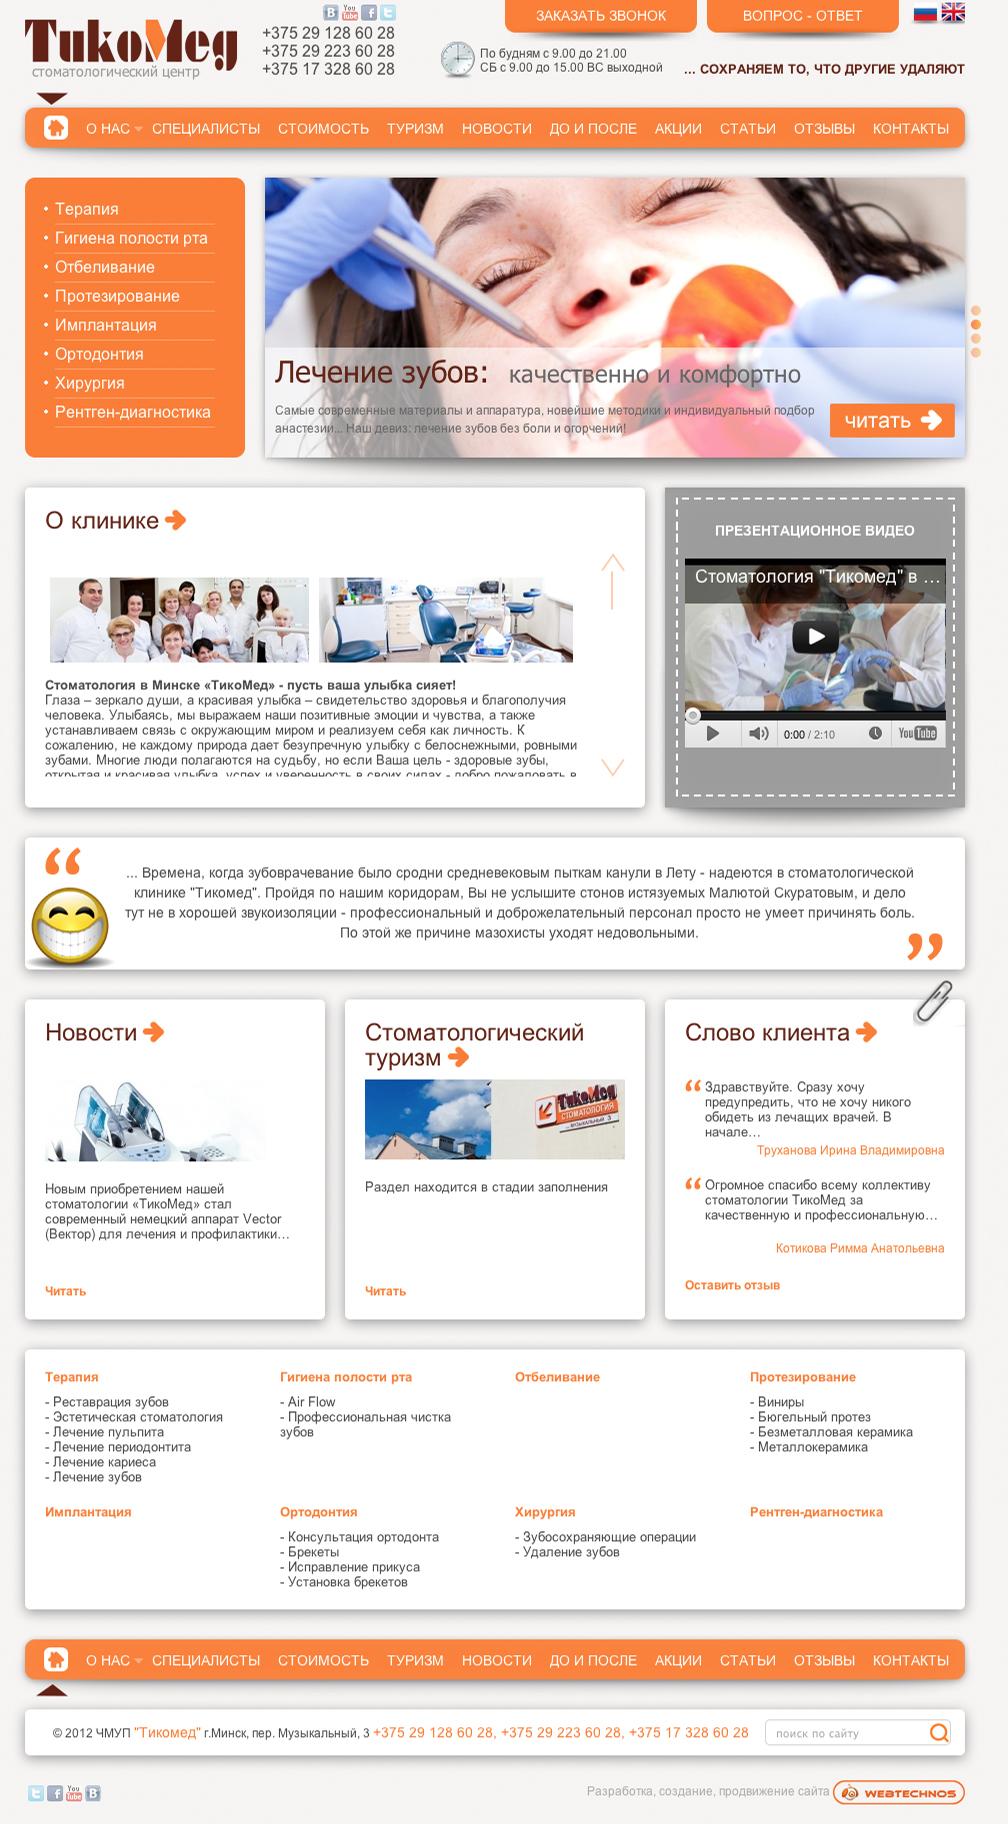 Тикомед - стоматологический центр